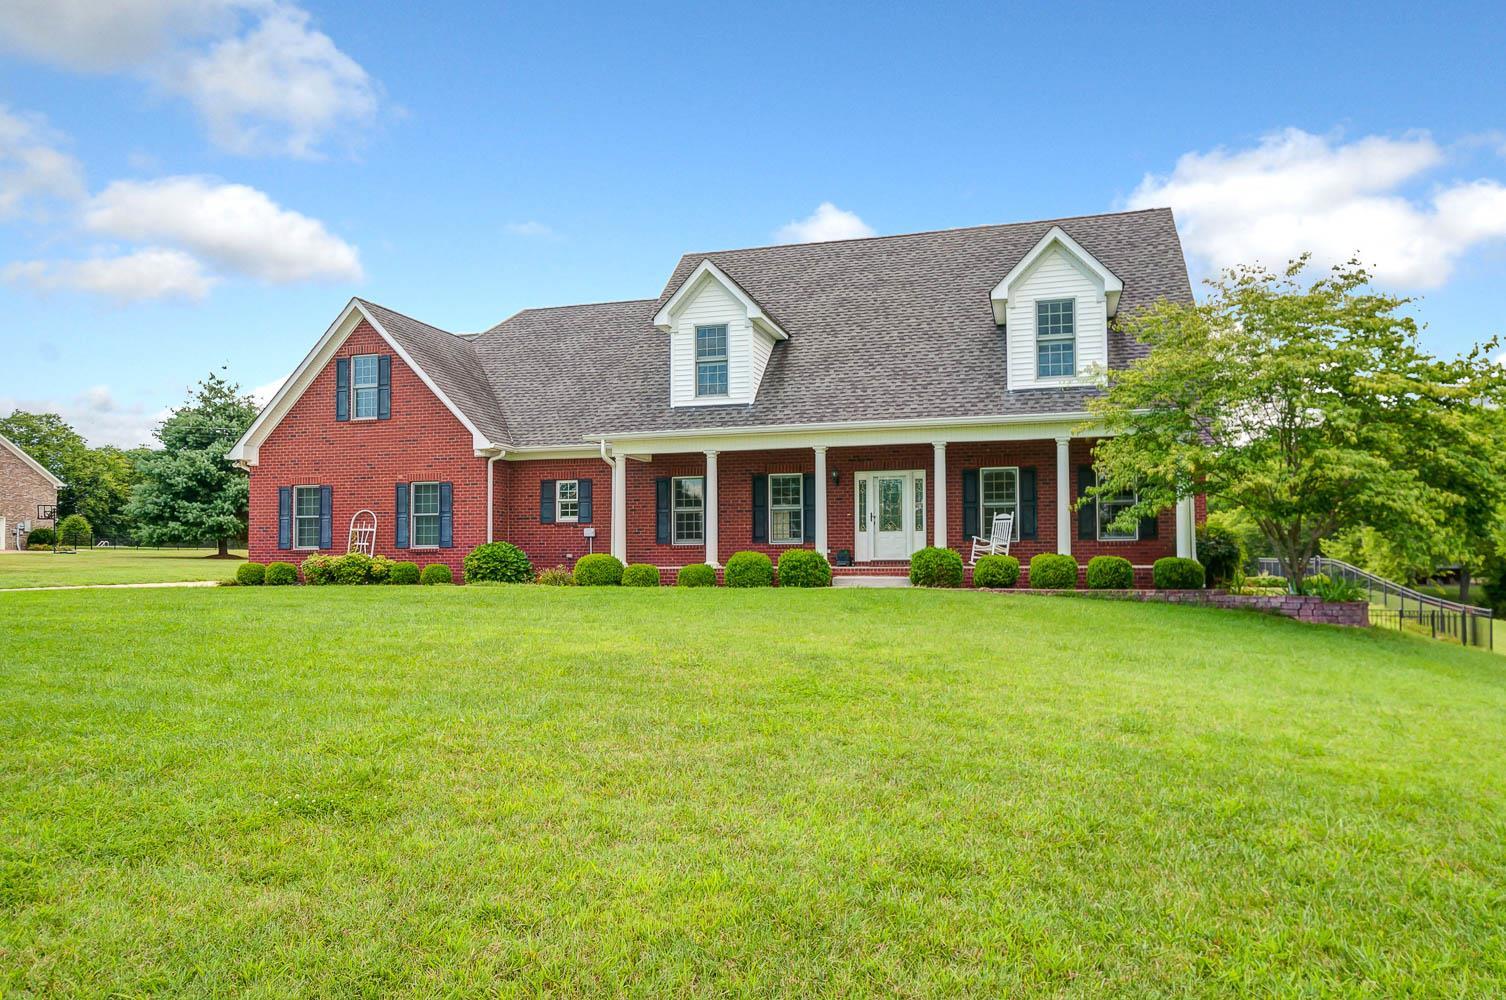 2801 Buckner Ln, Spring Hill, TN 37174 - Spring Hill, TN real estate listing